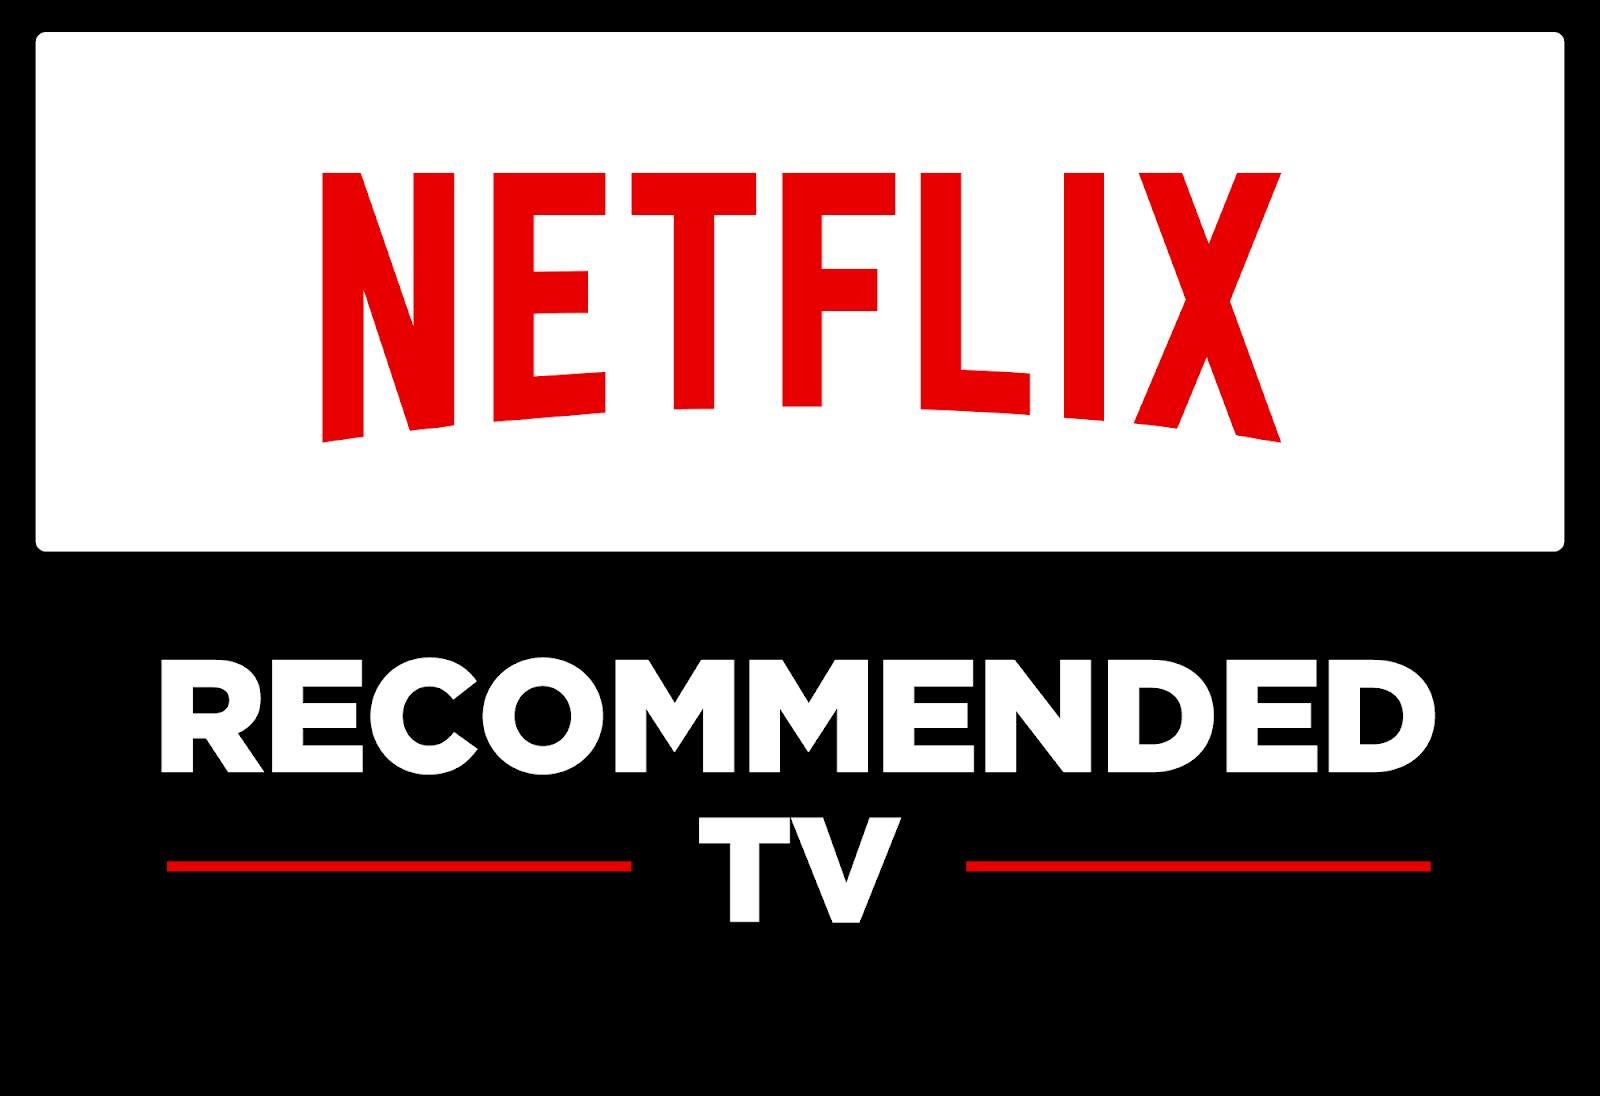 Anuncio de los televisores recomendados por Netflix para 2016